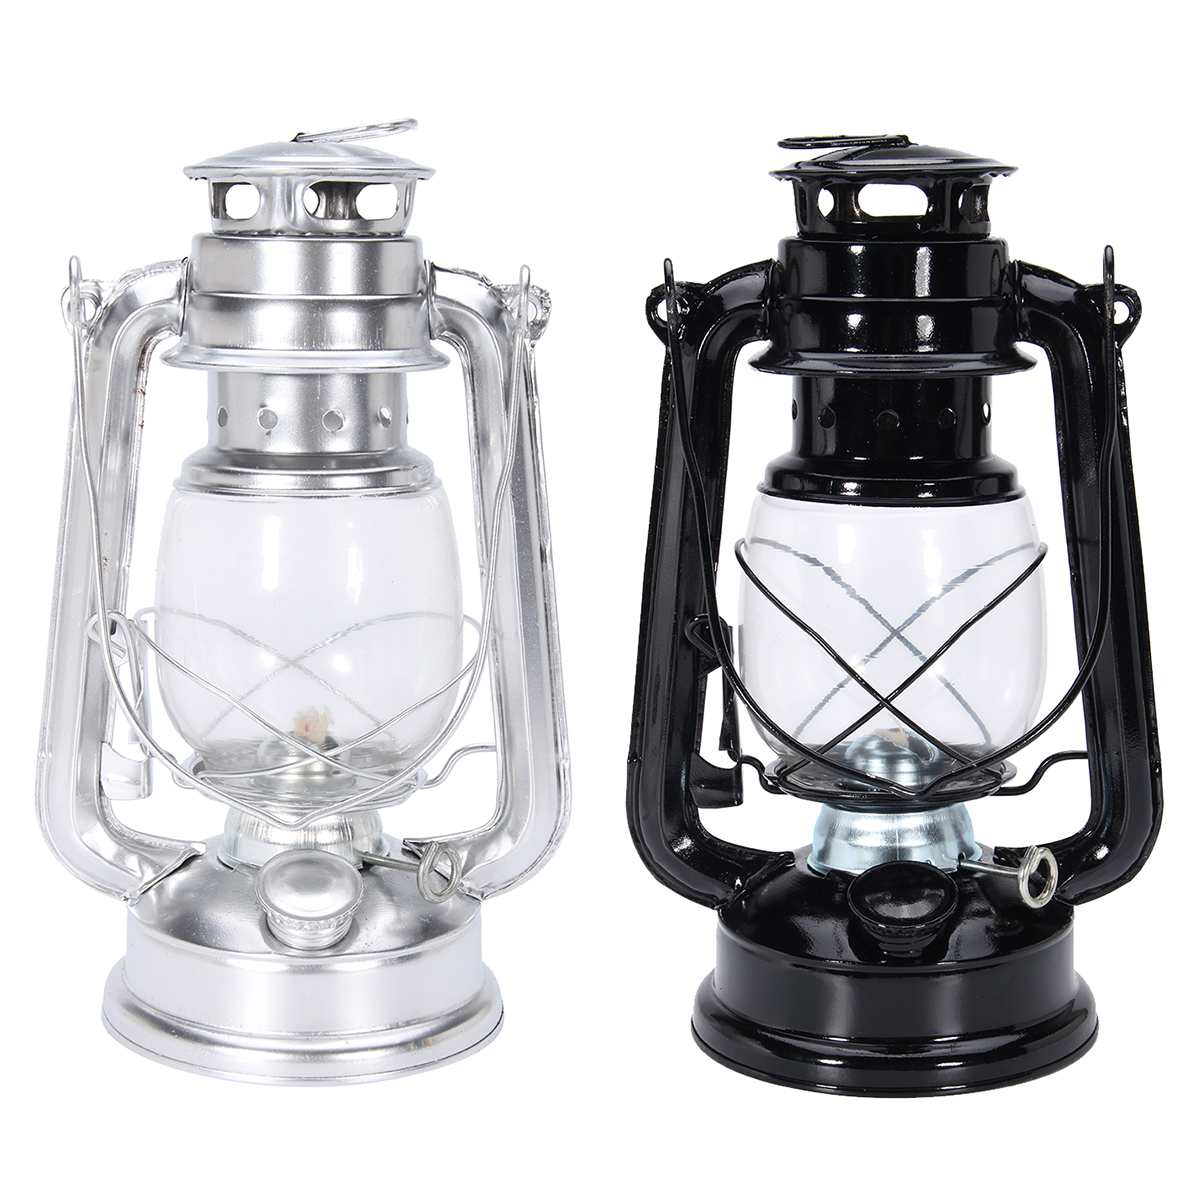 24cm Retro Classic lampa naftowa LED z możliwością przyciemniania Lamp naftowych knot przenośne na zewnątrz obóz parafiny huragan lampy stołowe